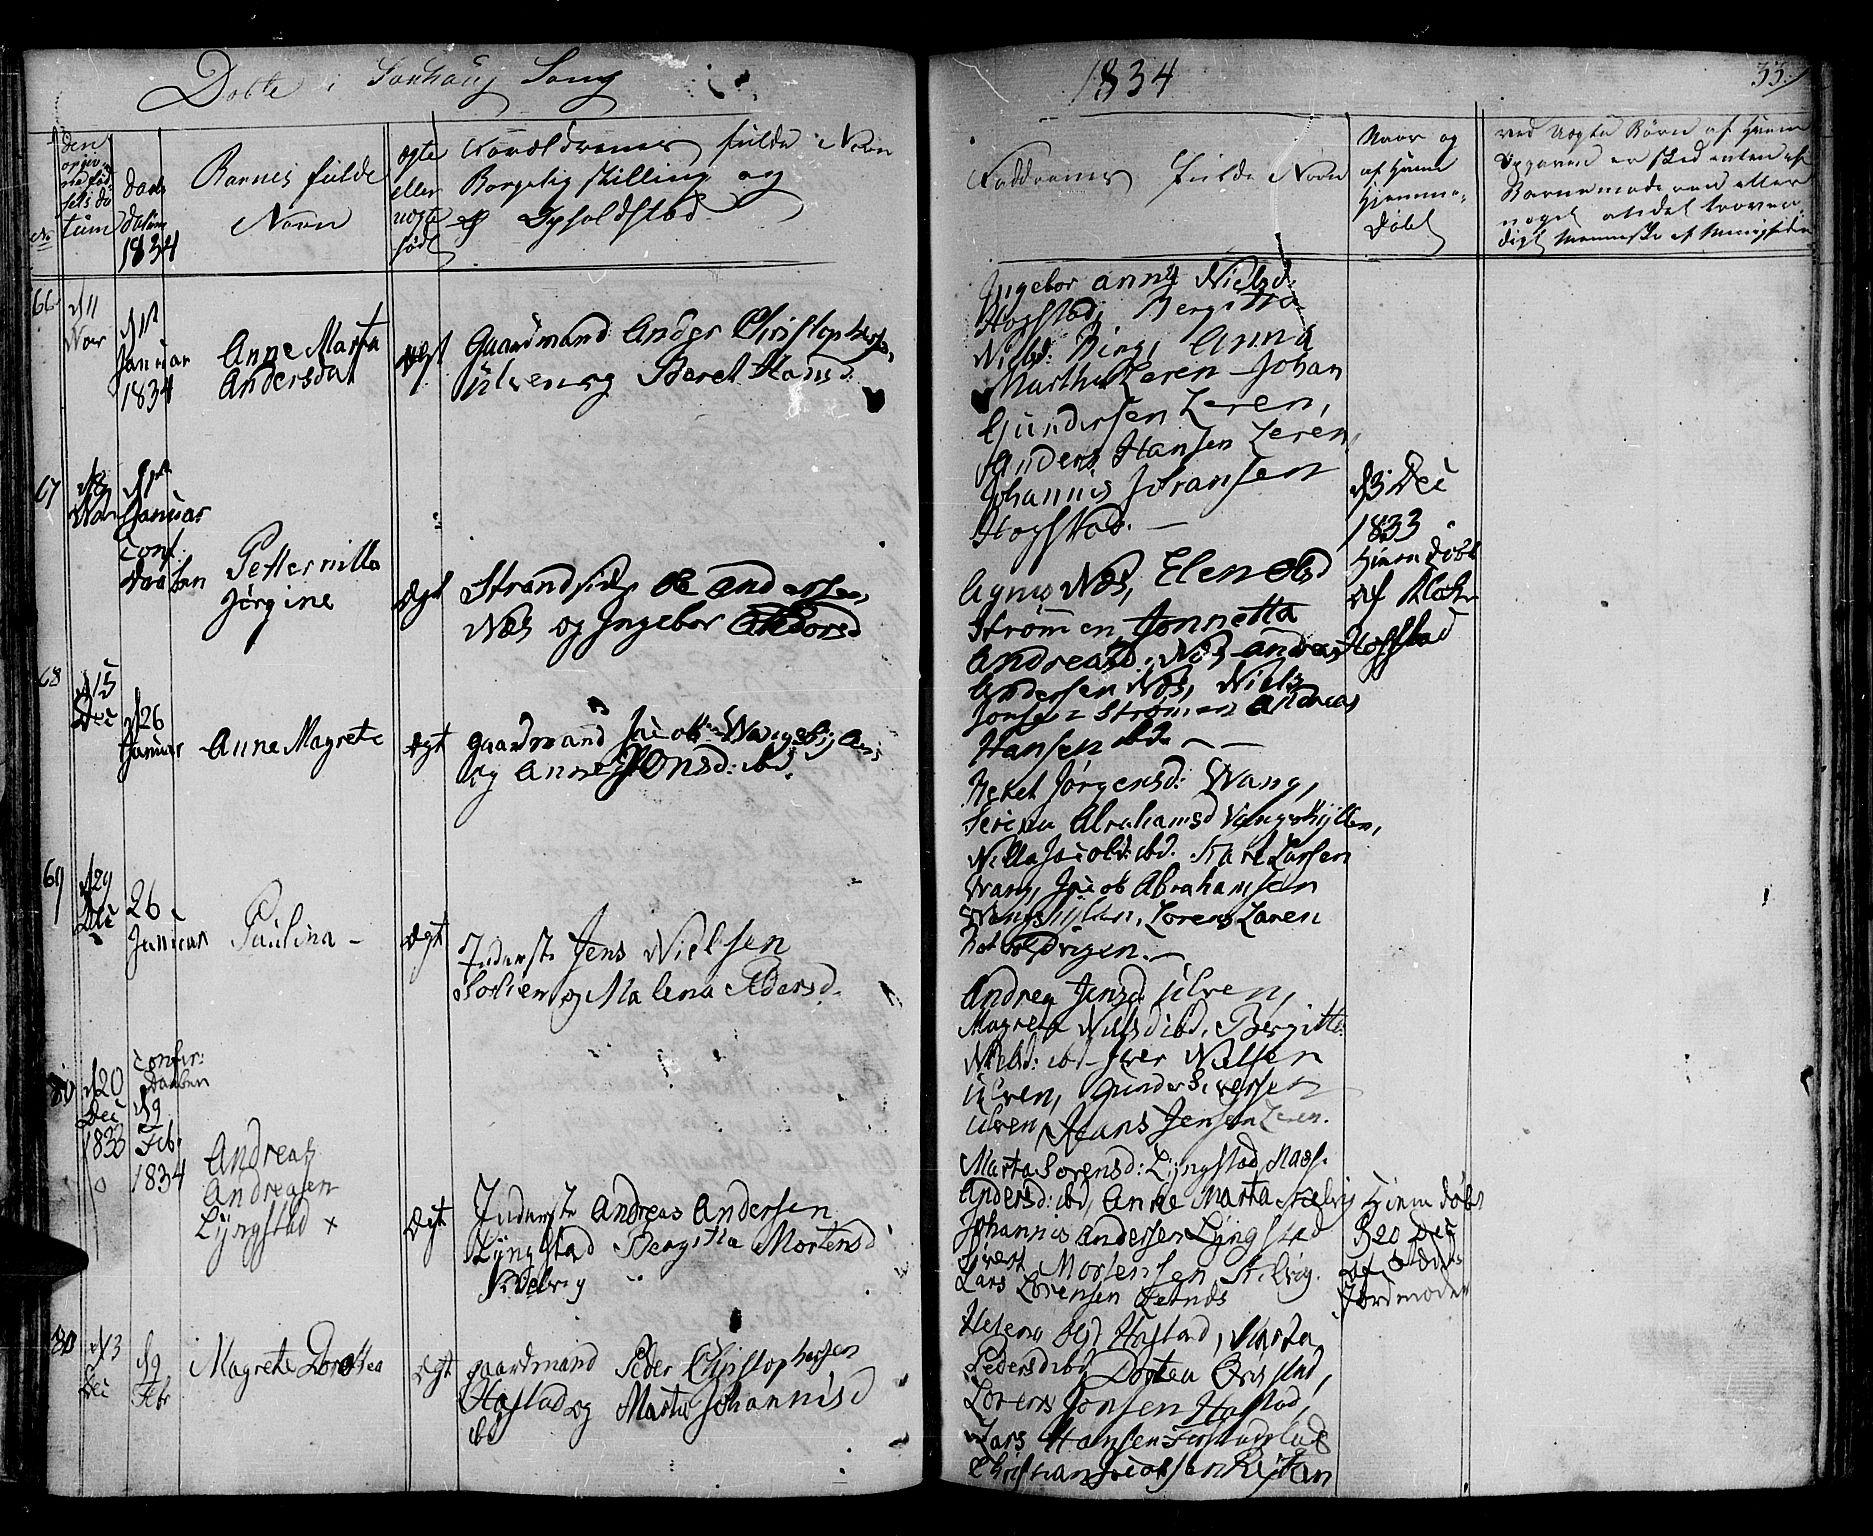 SAT, Ministerialprotokoller, klokkerbøker og fødselsregistre - Nord-Trøndelag, 730/L0277: Ministerialbok nr. 730A06 /1, 1830-1839, s. 33